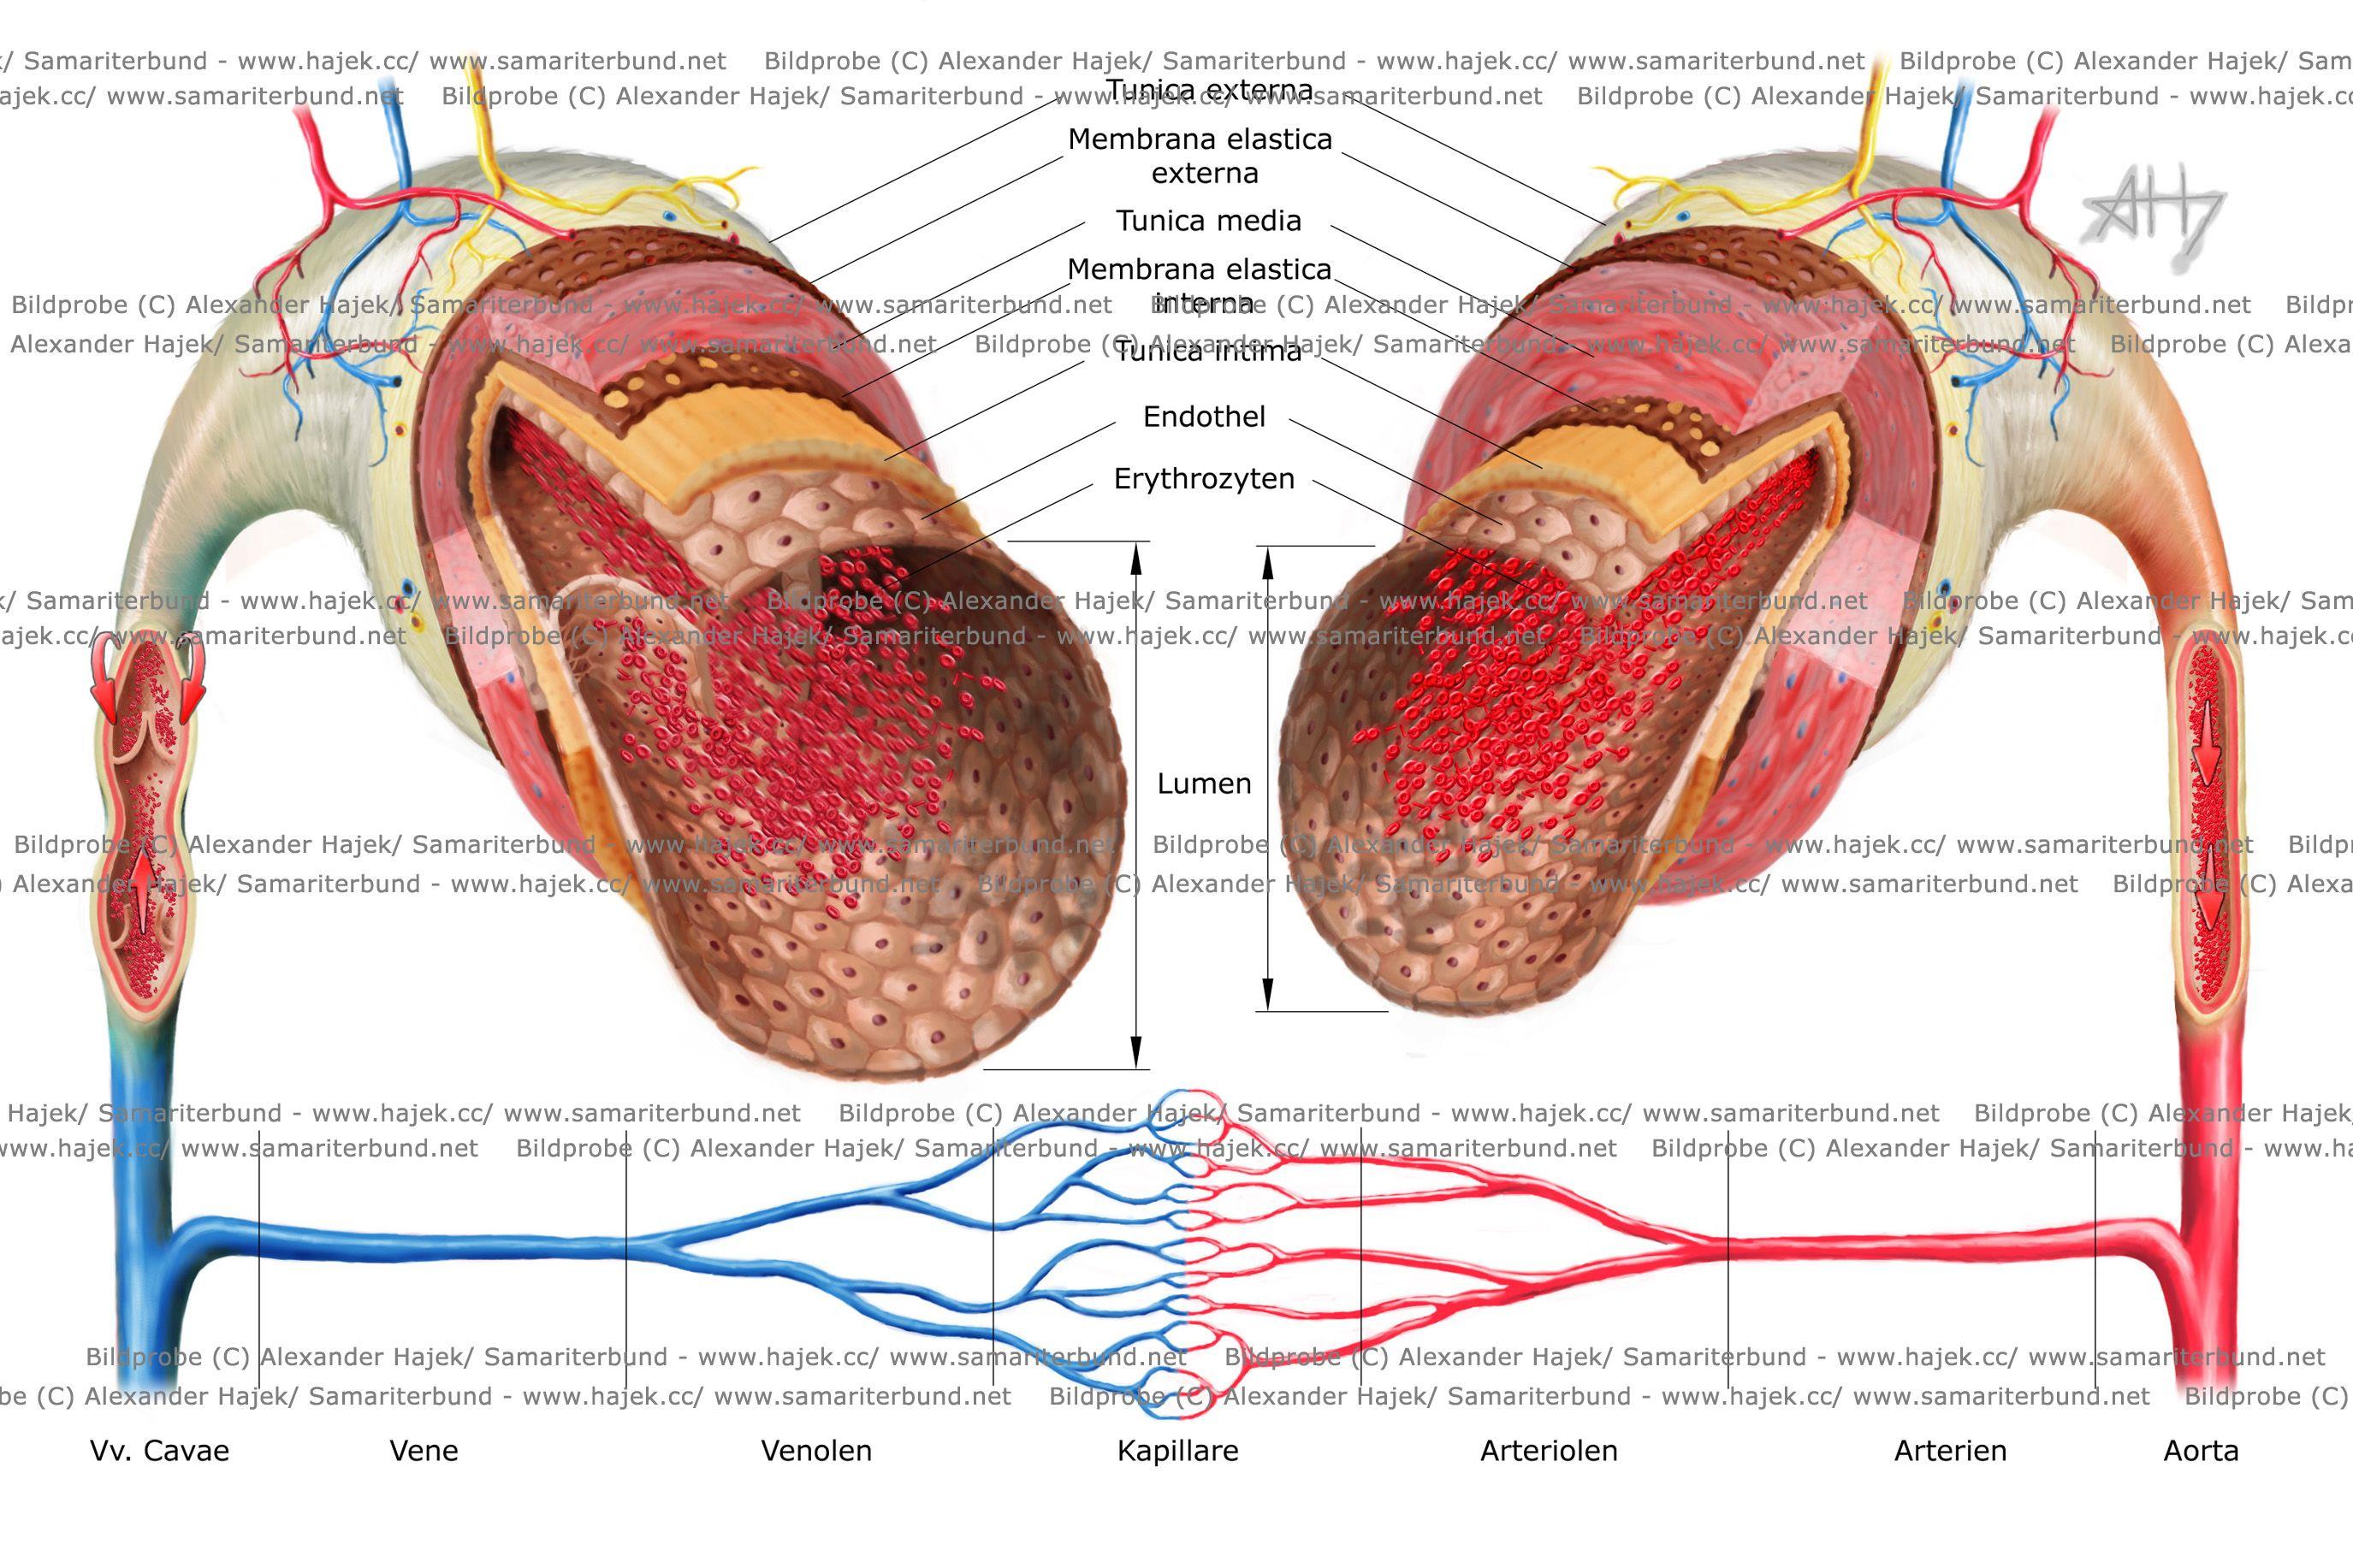 Blood vessels cornea | Blood Vessels in the Human Body | Pinterest ...